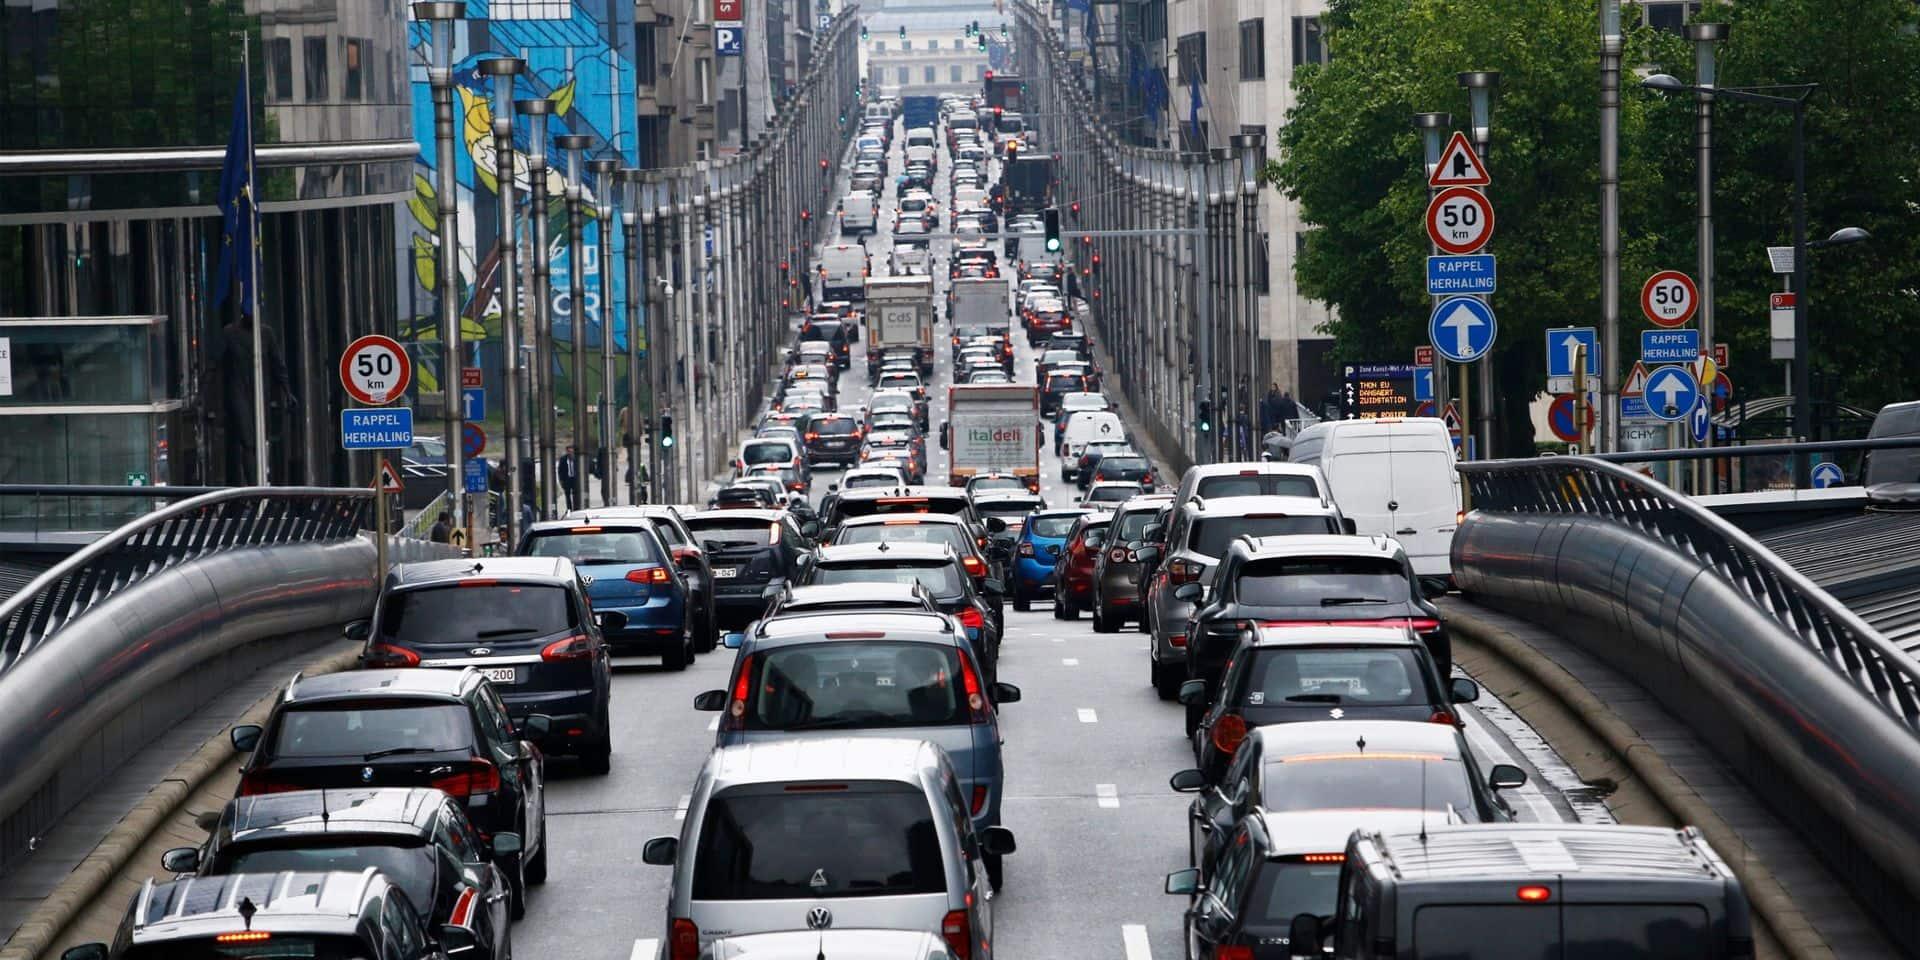 La Belgique aurait touché 21,4 milliards d'euros dans ce segment en 2019, pour une moyenne de 3 187 euros par véhicule.